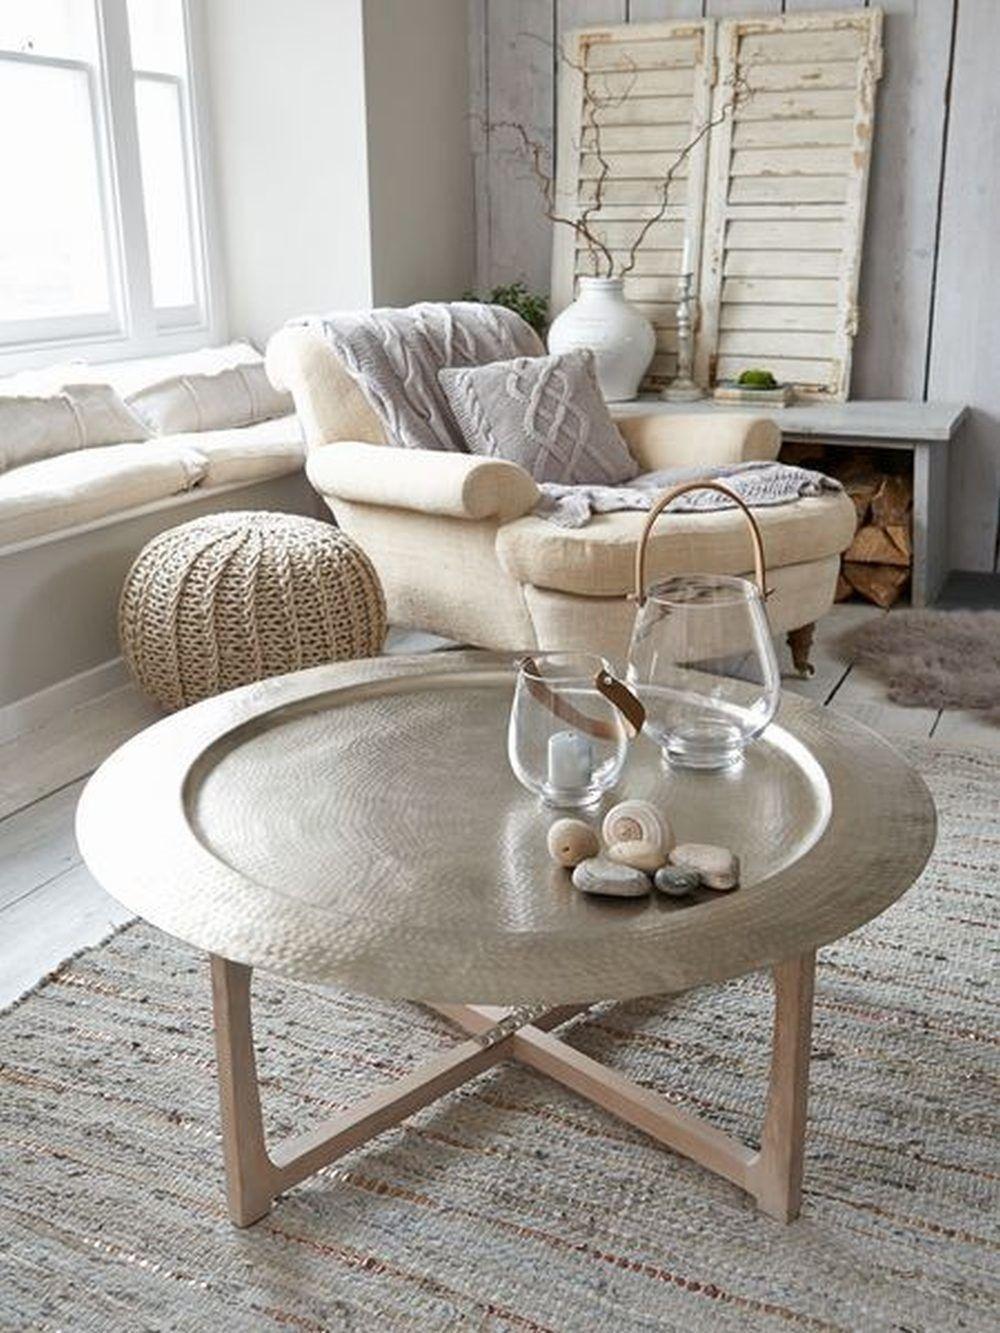 7 ideas para darle un toque marroqu a tu decoraci n - Bandejas decoracion salon ...